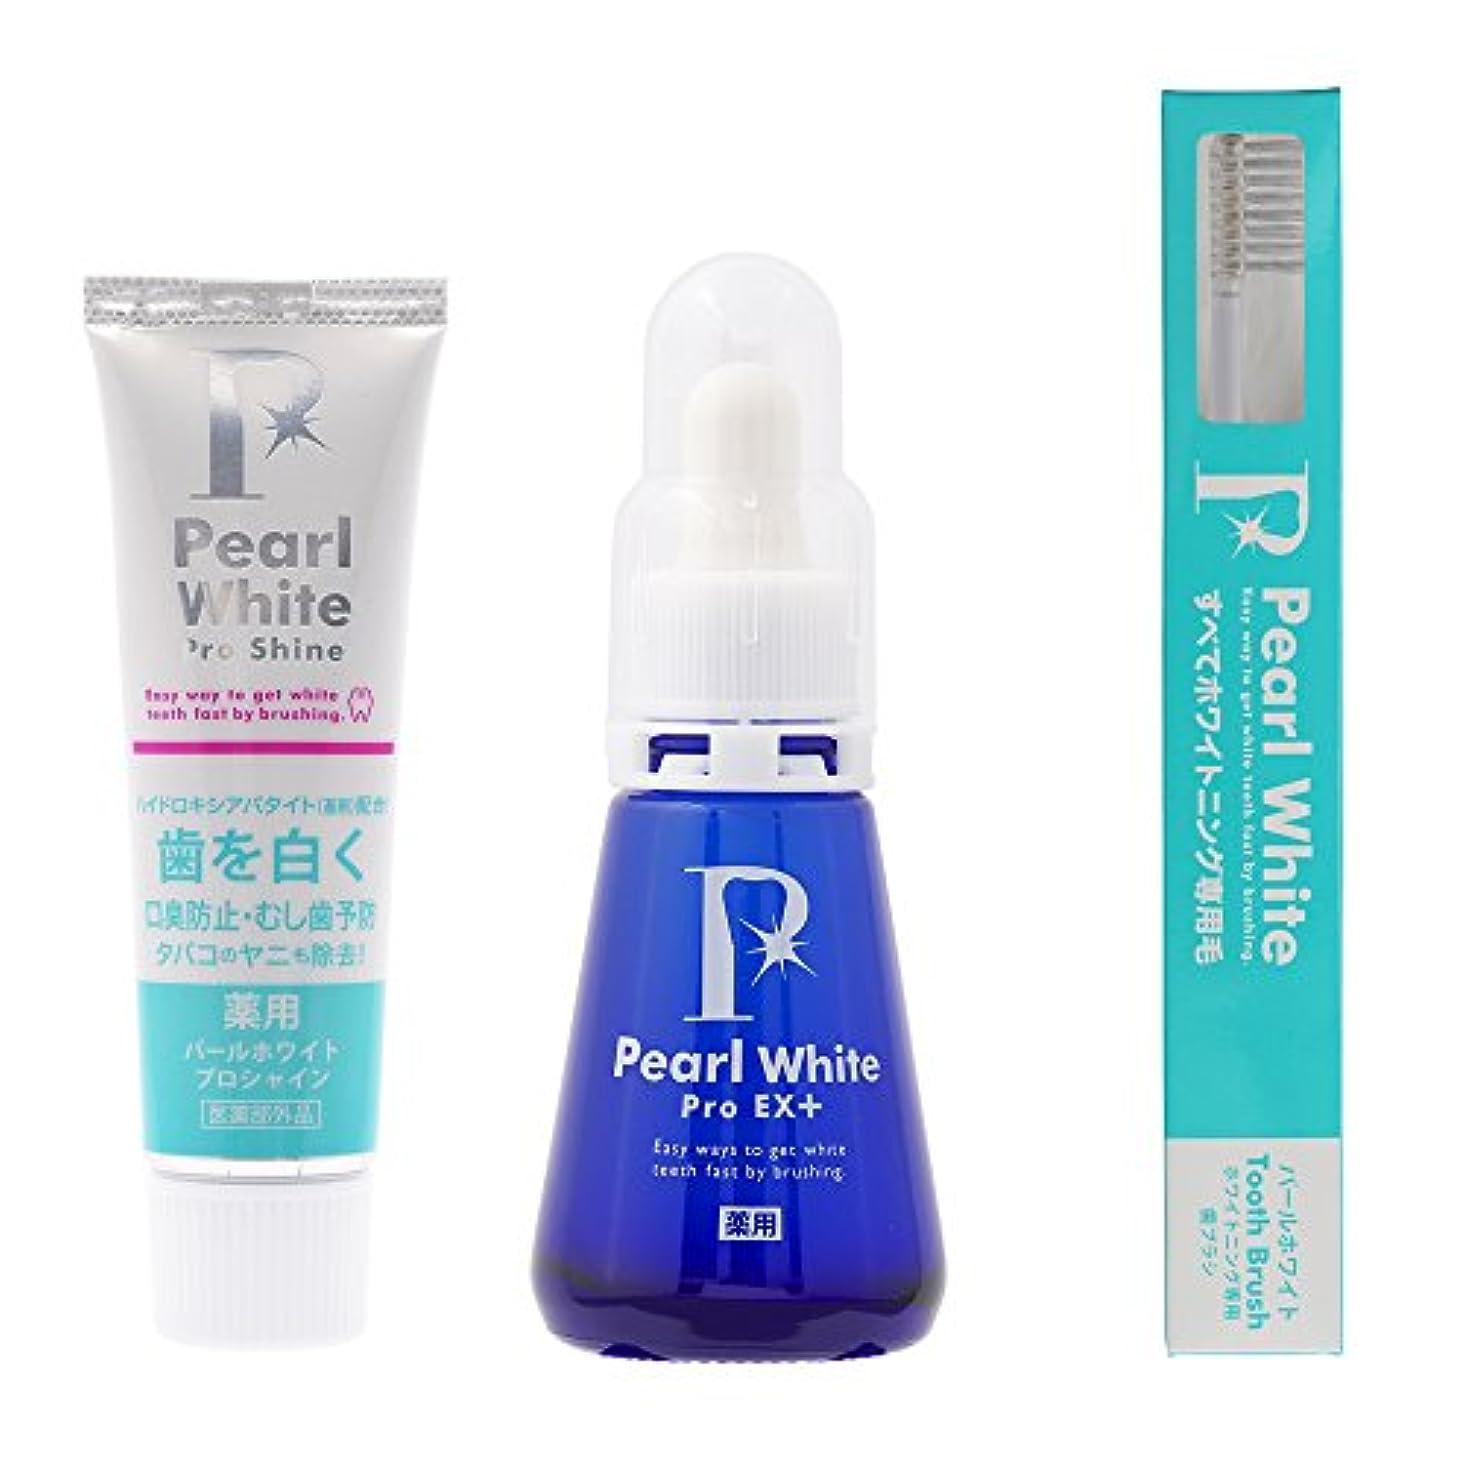 軸陰謀排他的Pearl White 薬用パール ホワイト Pro EXプラス1本+ シャイン40g+専用歯ブラシ 限定セット ホワイトニング